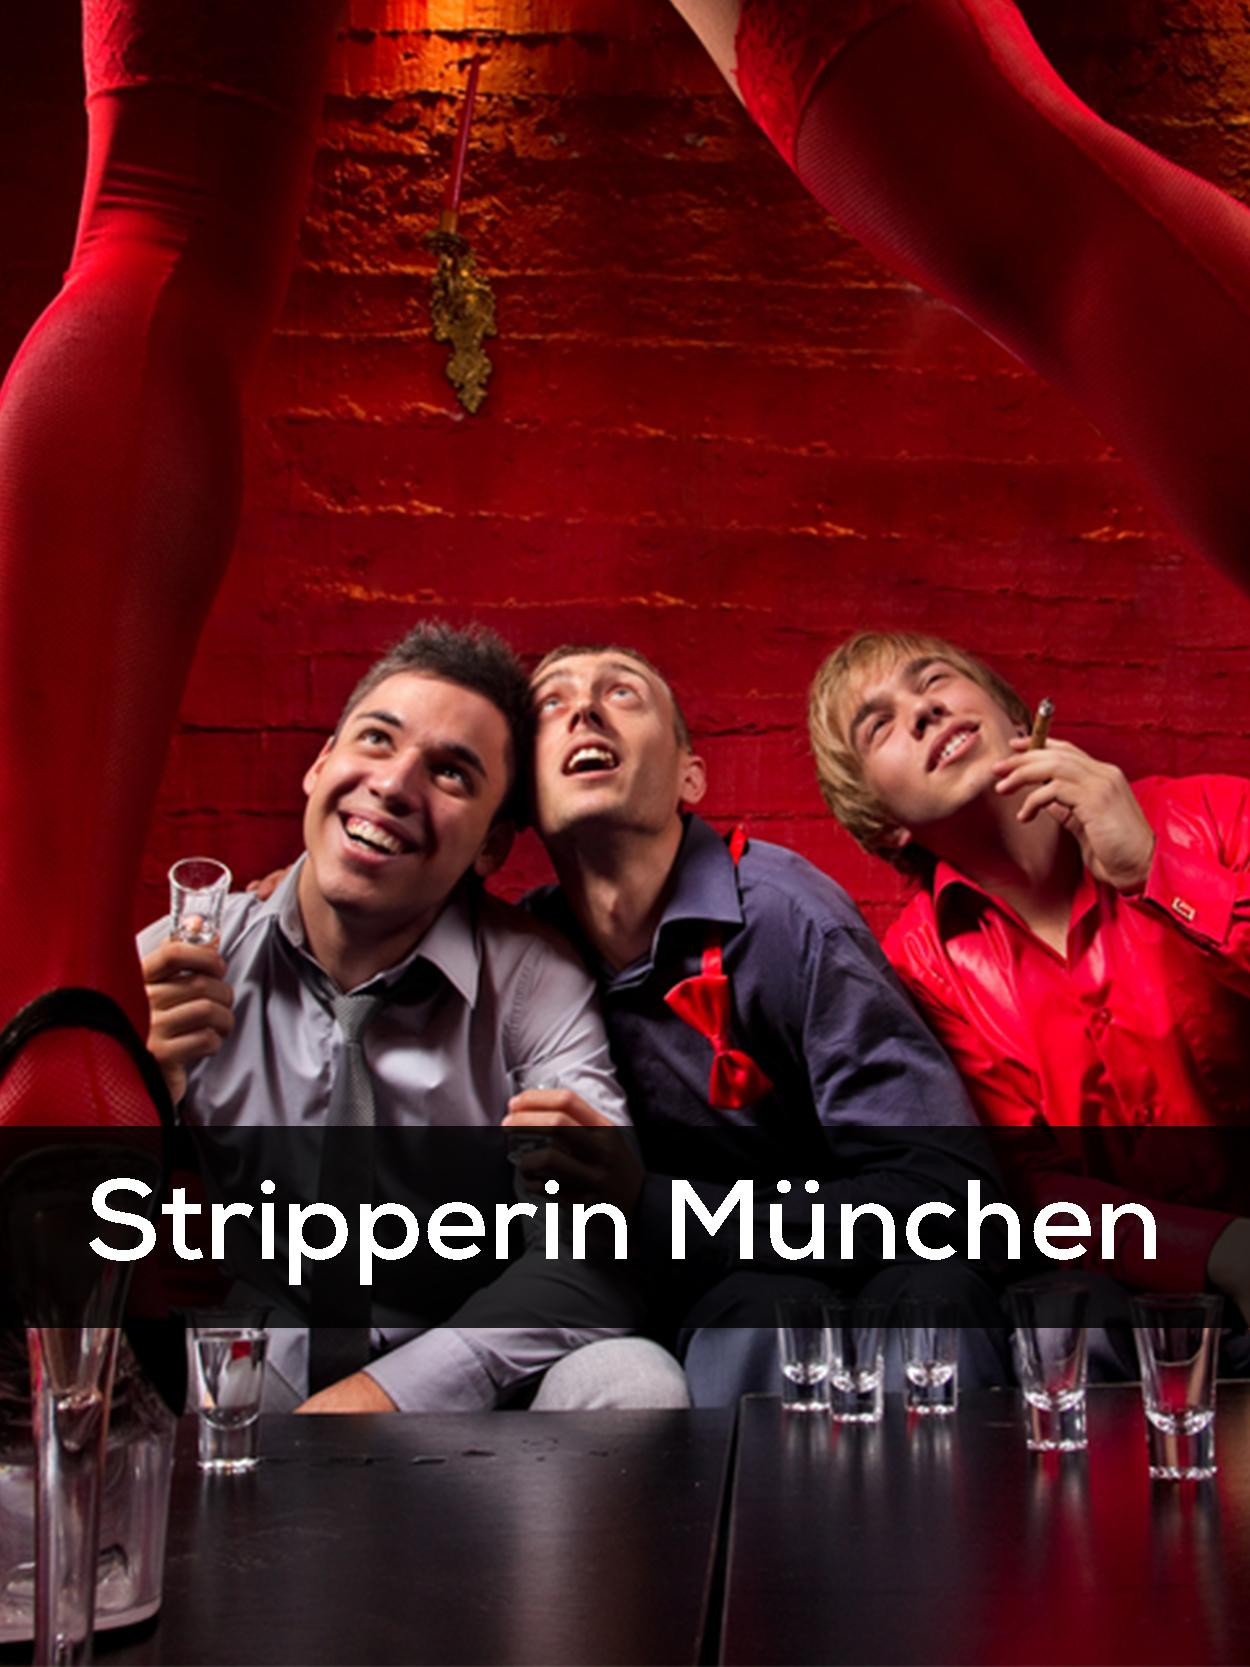 Stripperin München